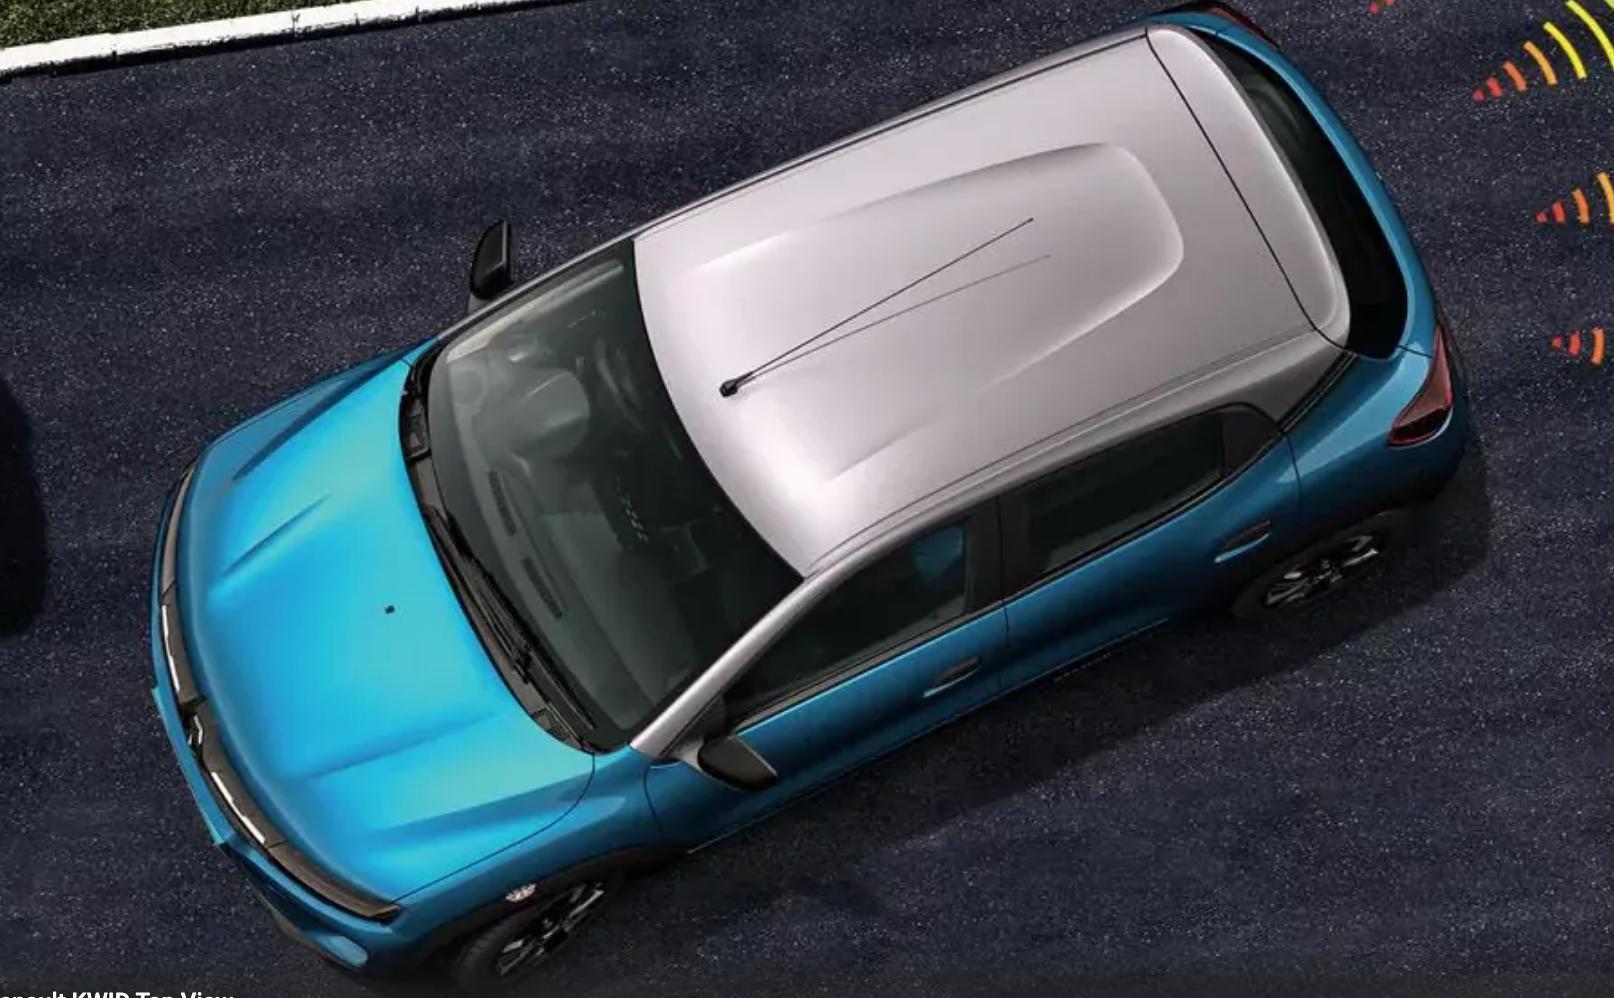 Xe giá rẻ gây sốc chỉ từ 136 triệu đồng, đối thủ hoàn hảo của Kia Morning - Ảnh 2.